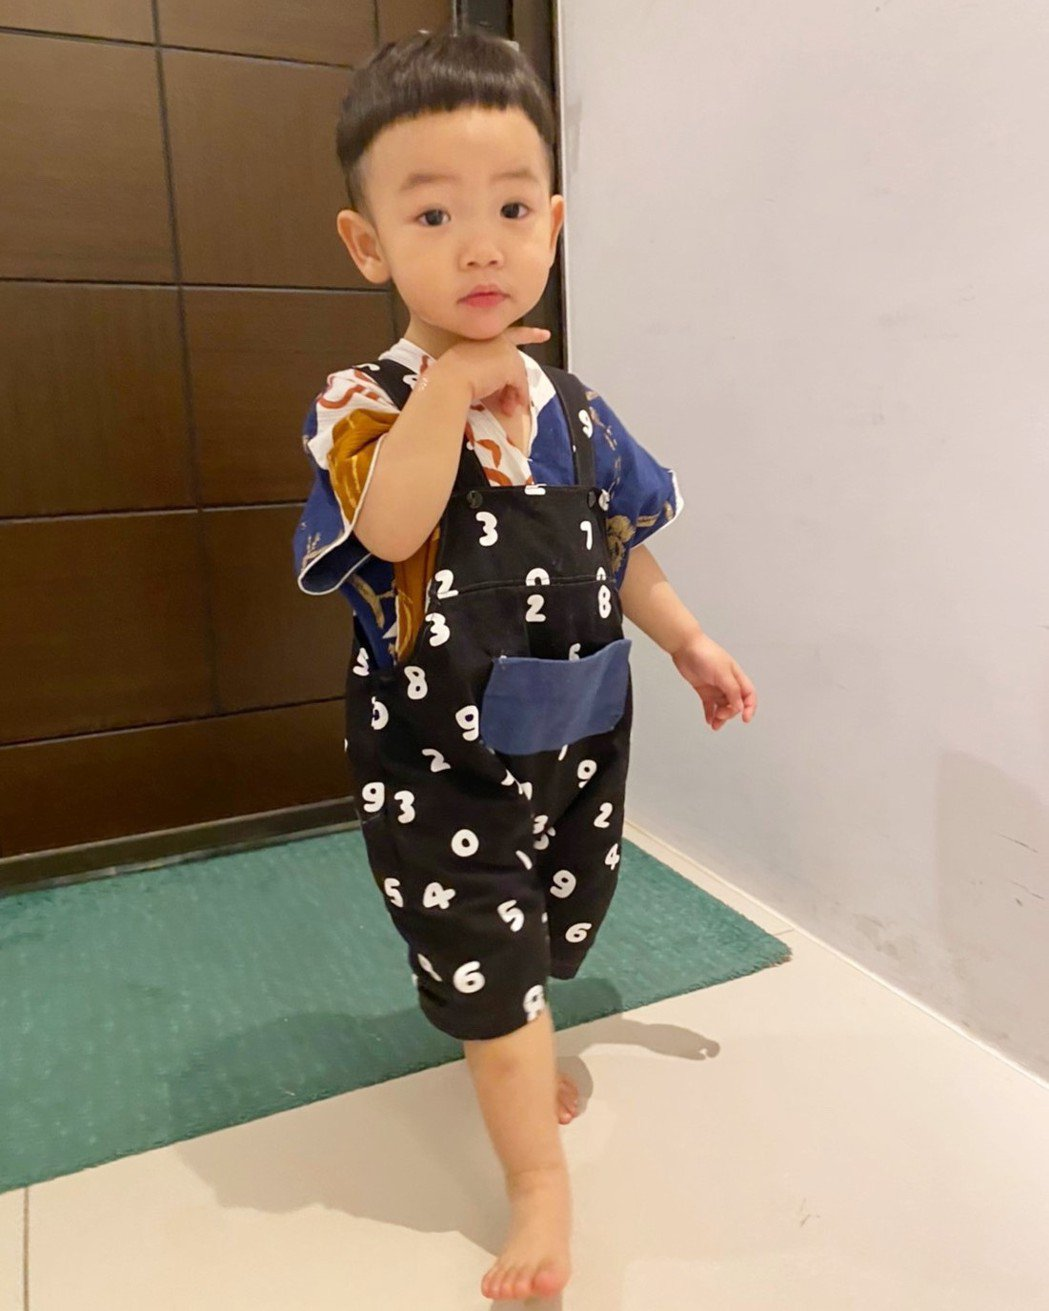 蔡阿嘎的兒子蔡桃貴。 圖/擷自蔡桃貴臉書